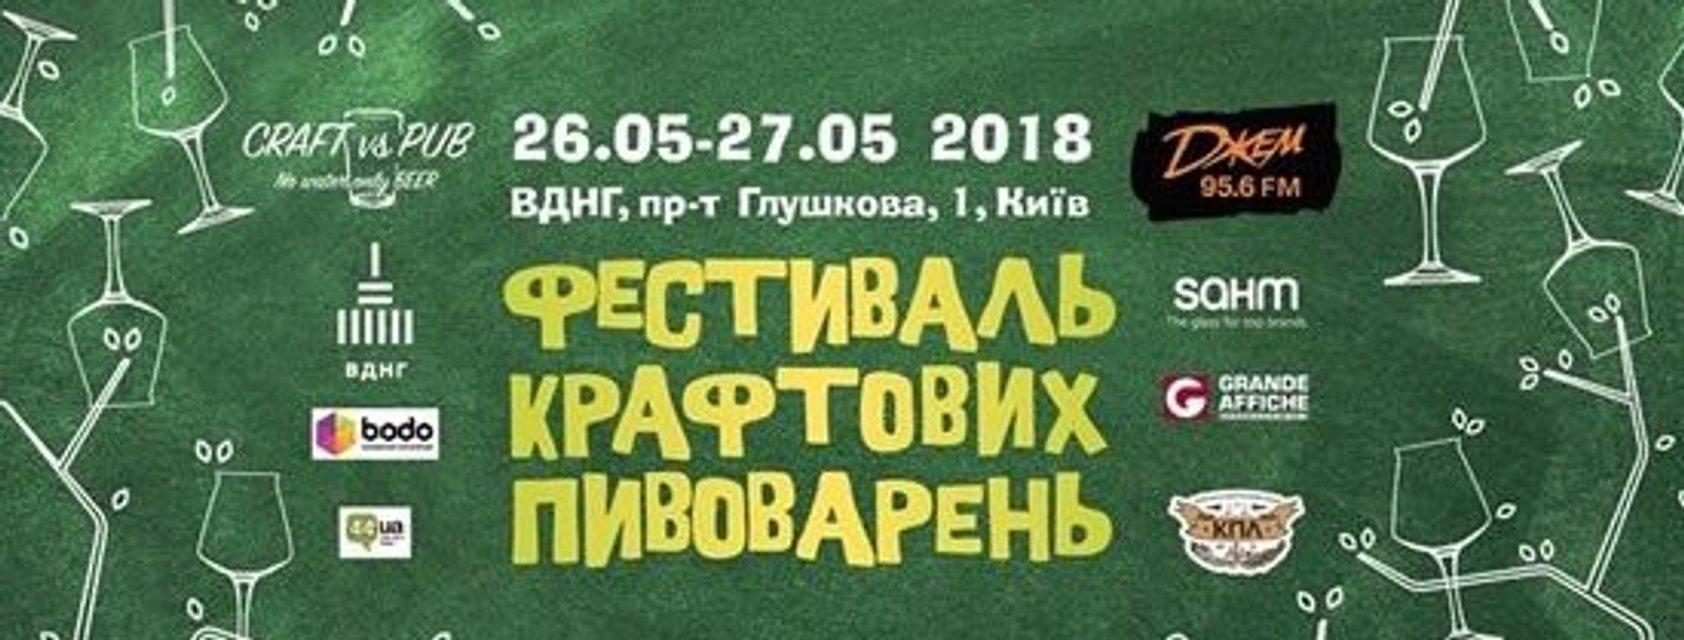 День Киева 2018 куда пойти: дата, программа мероприятий - фото 126337